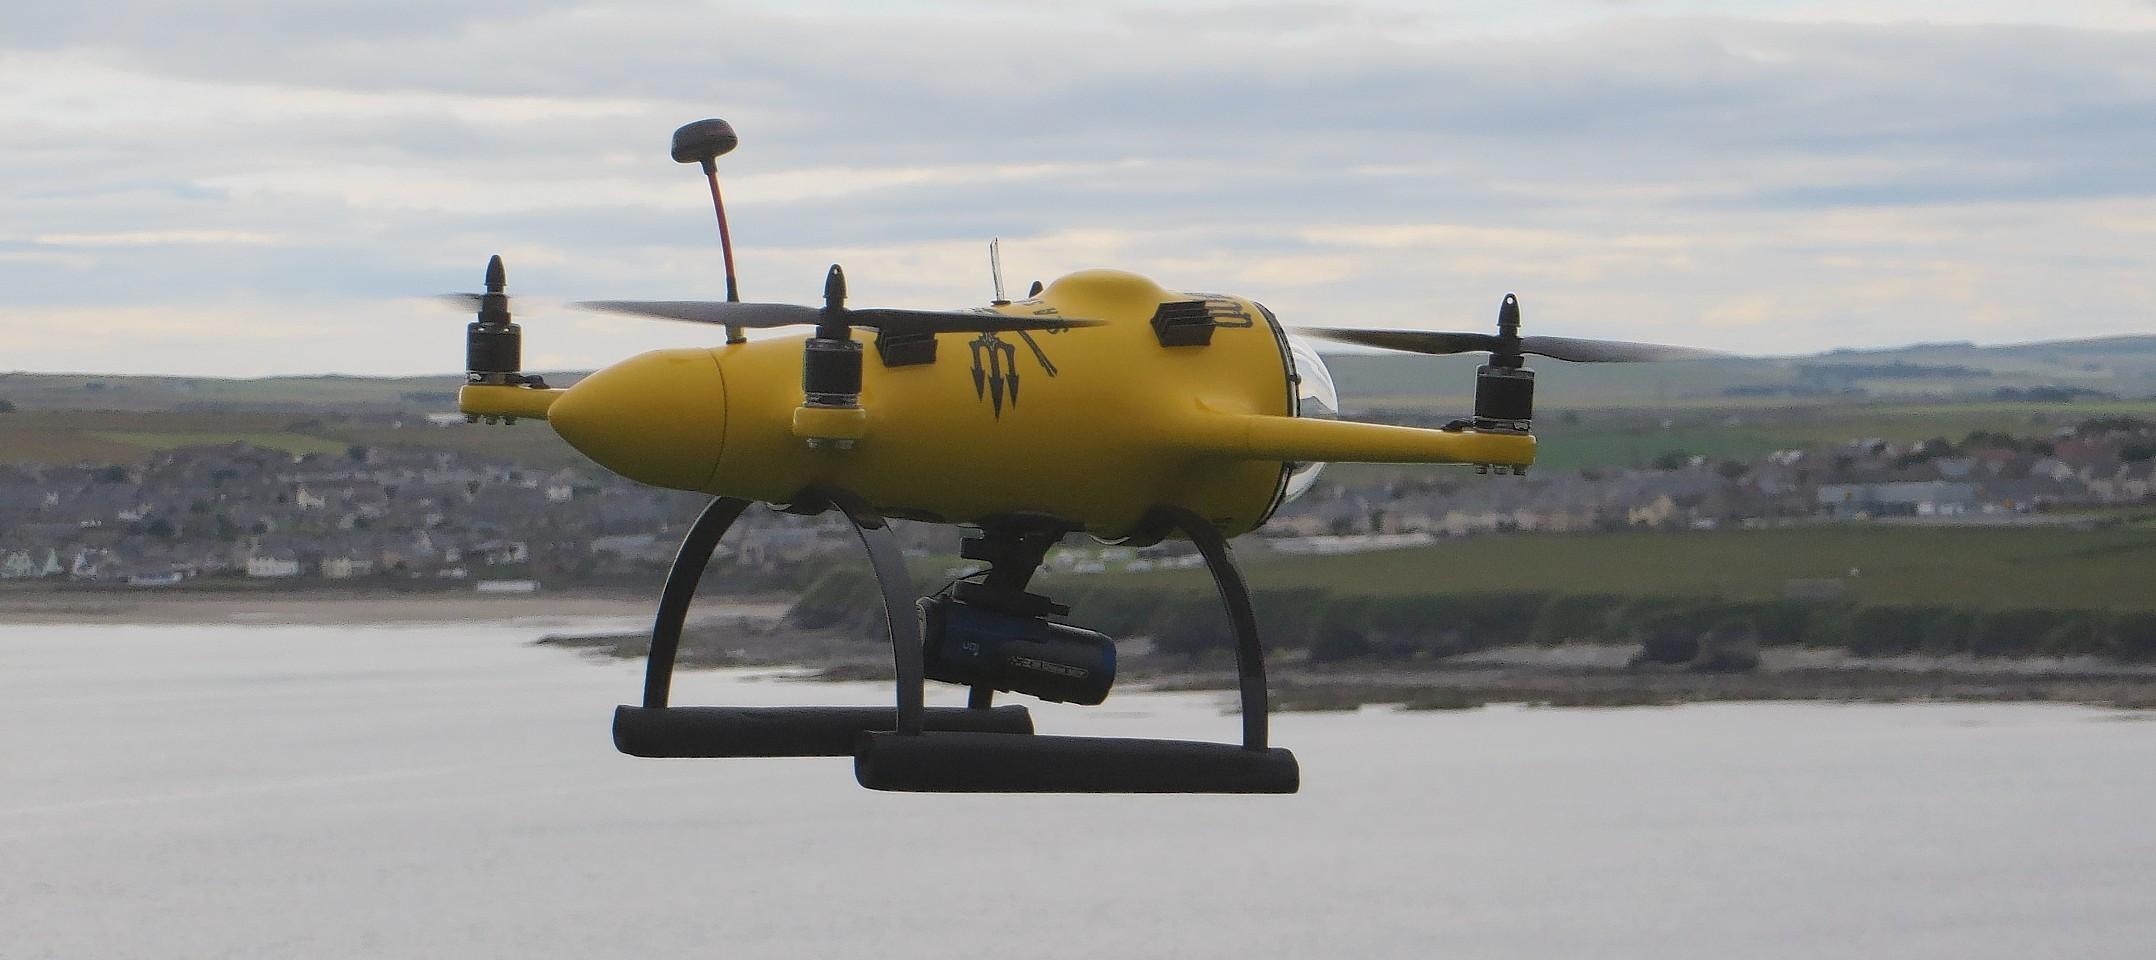 Sea Shepherd drone